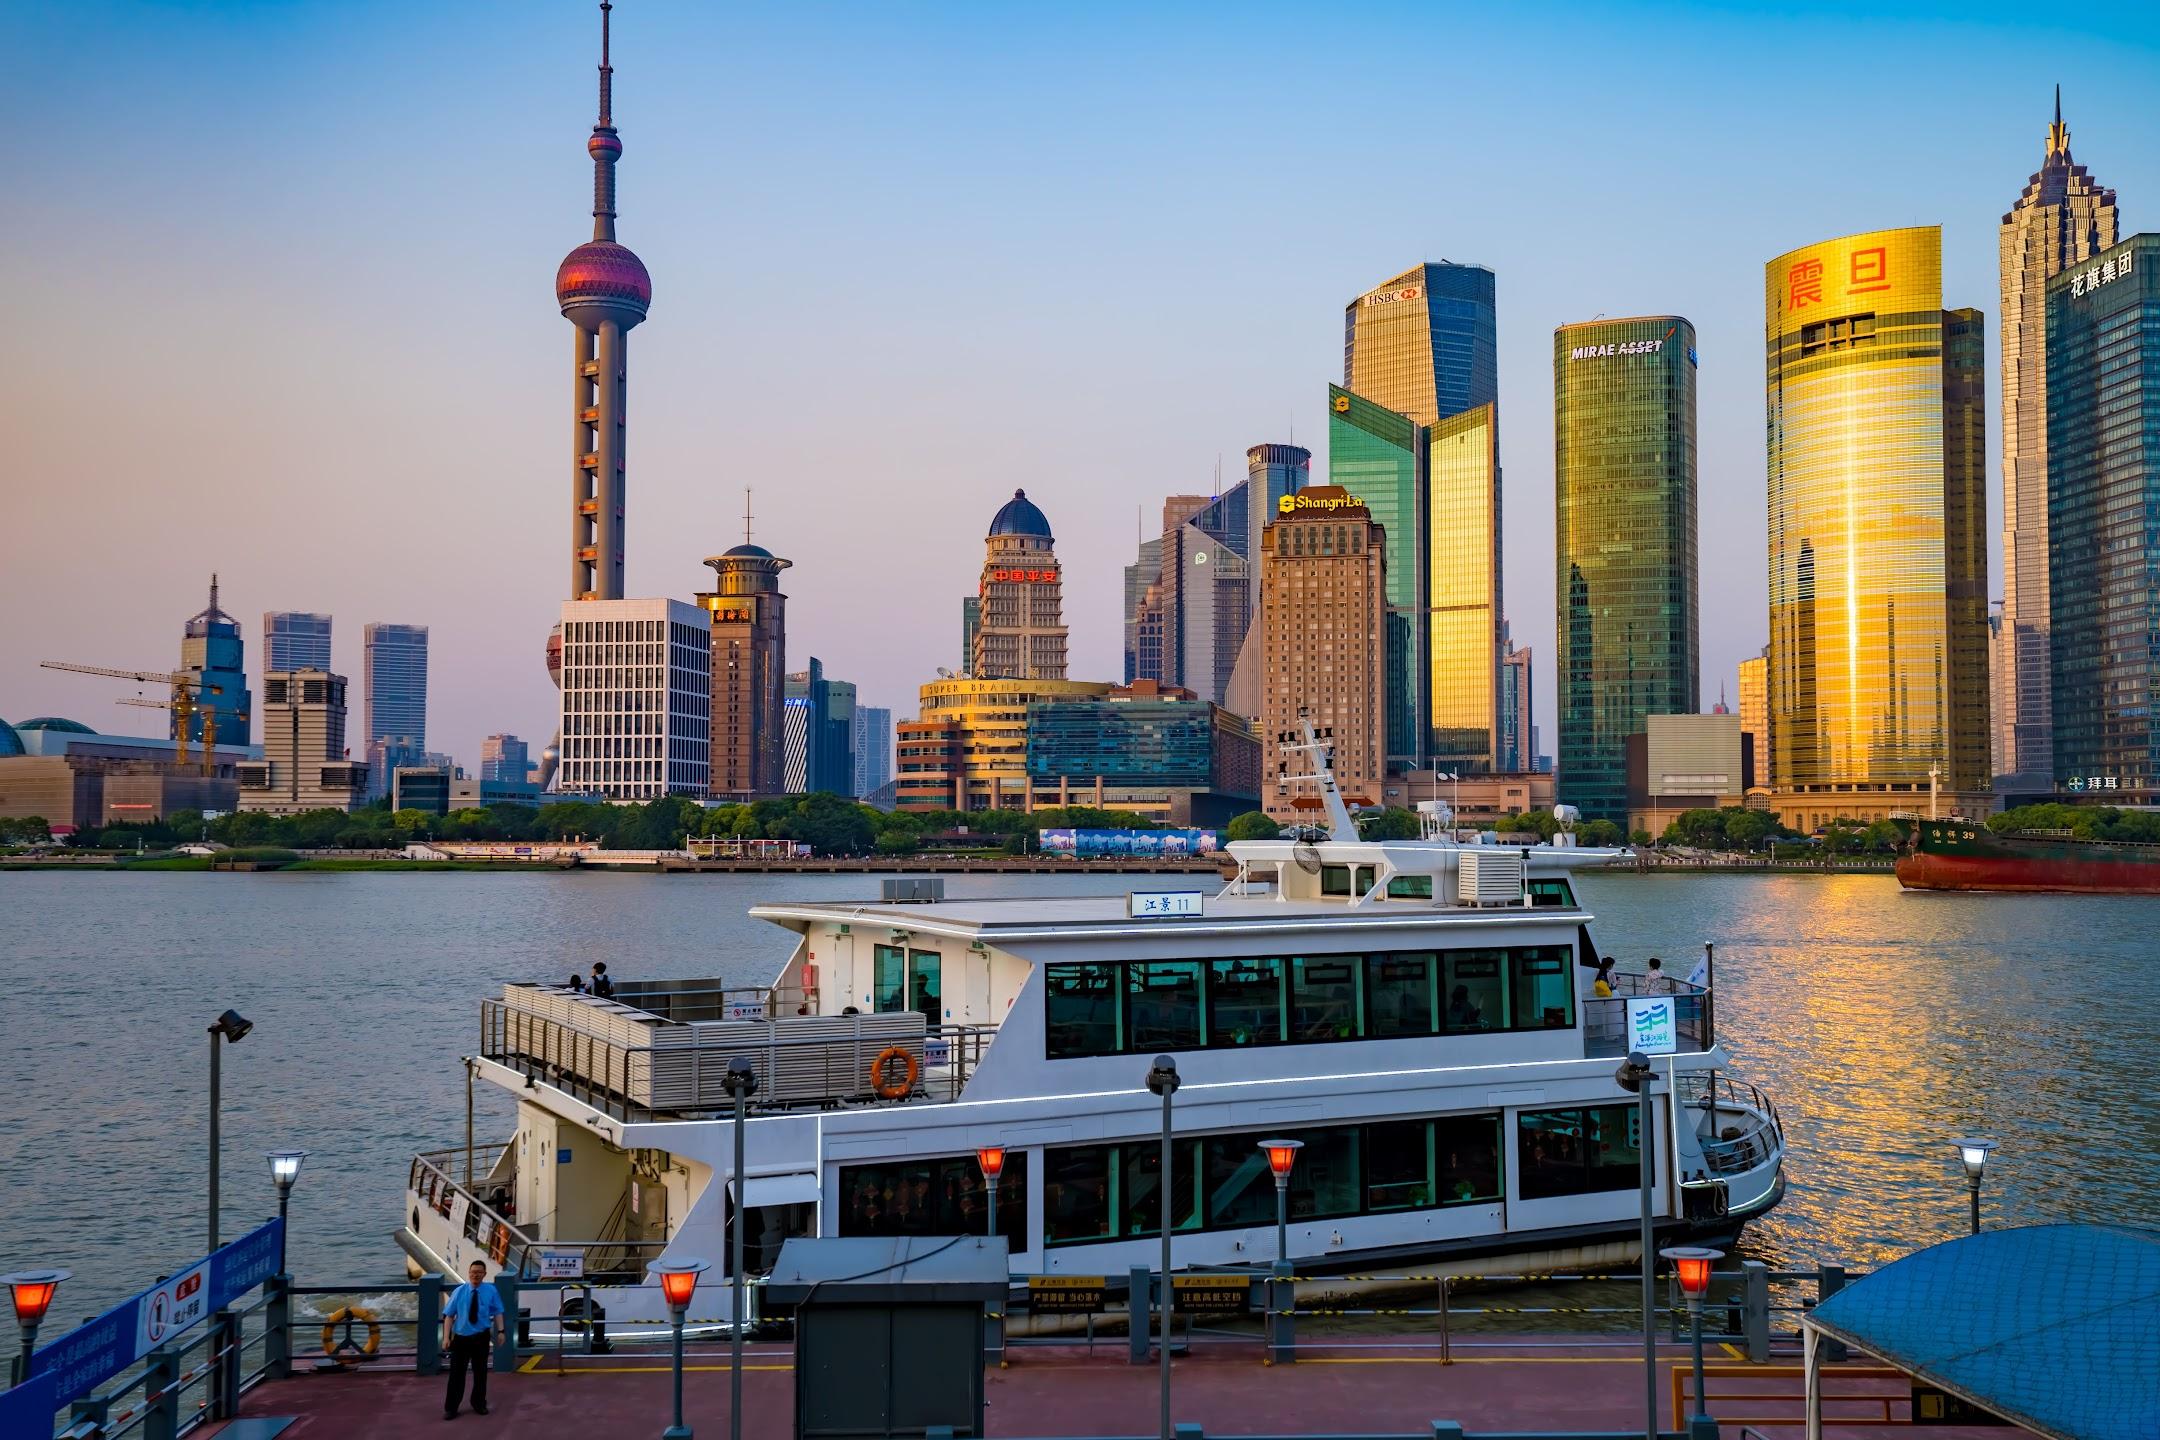 Shanghai Waitan (The Bund) ship